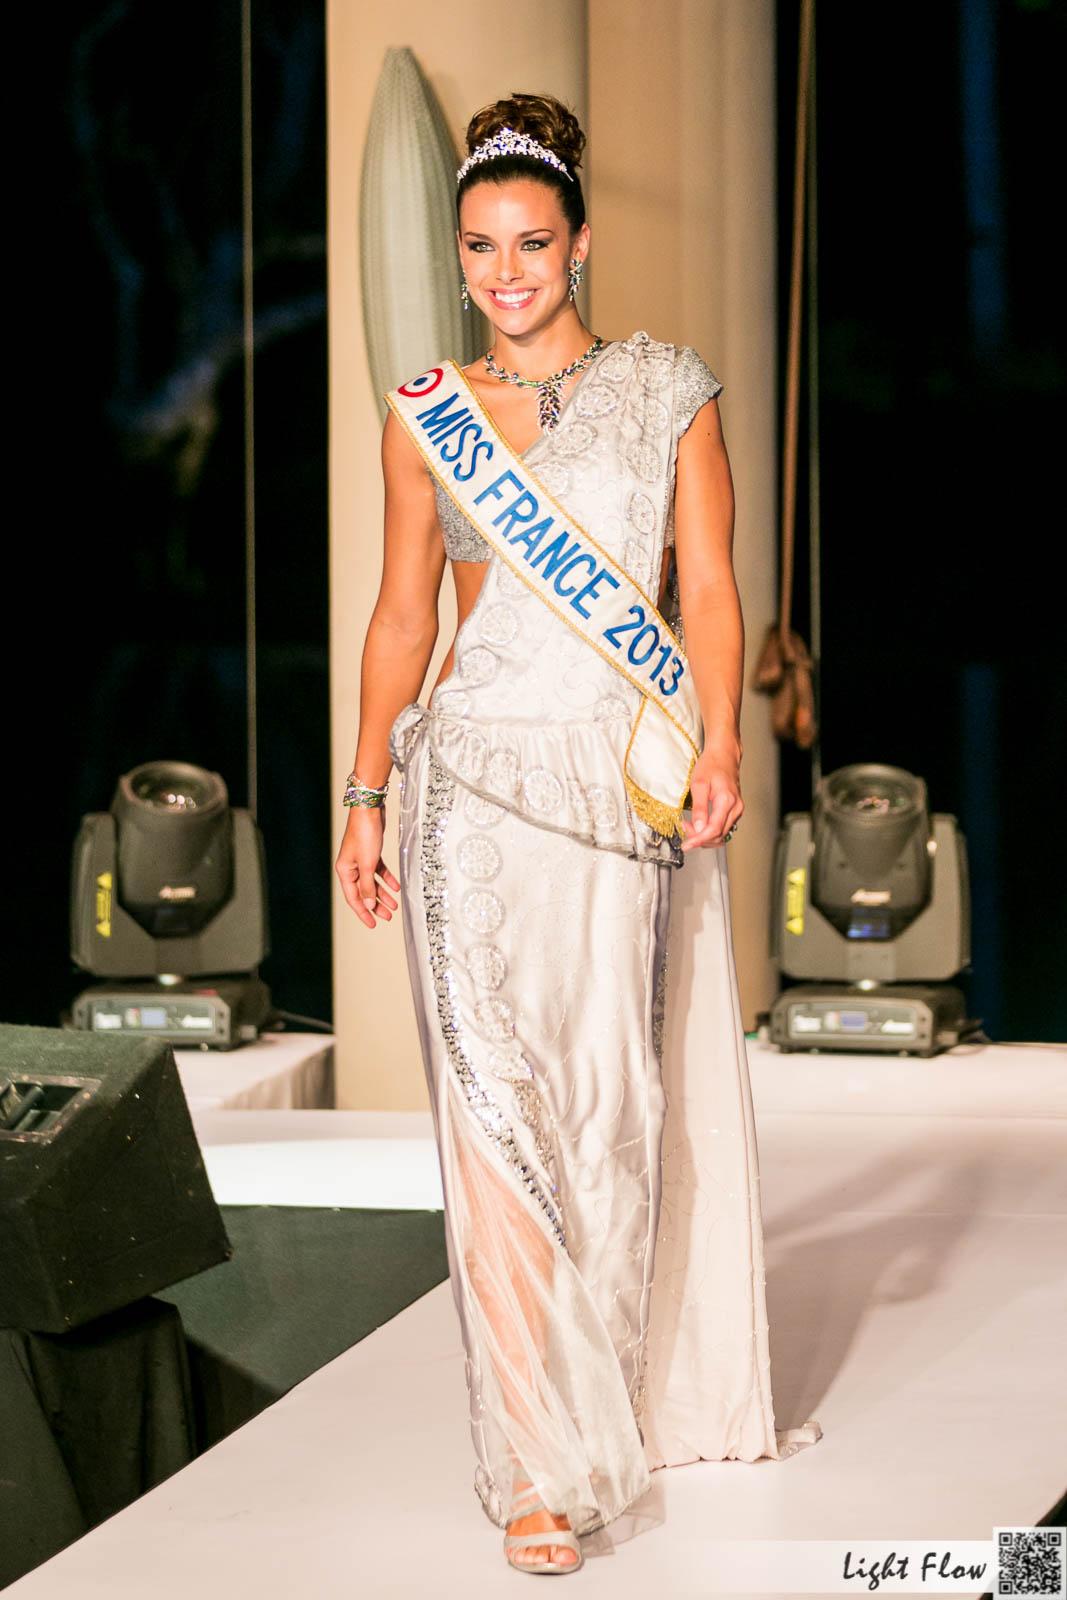 Miss France 2013 Wikipedia